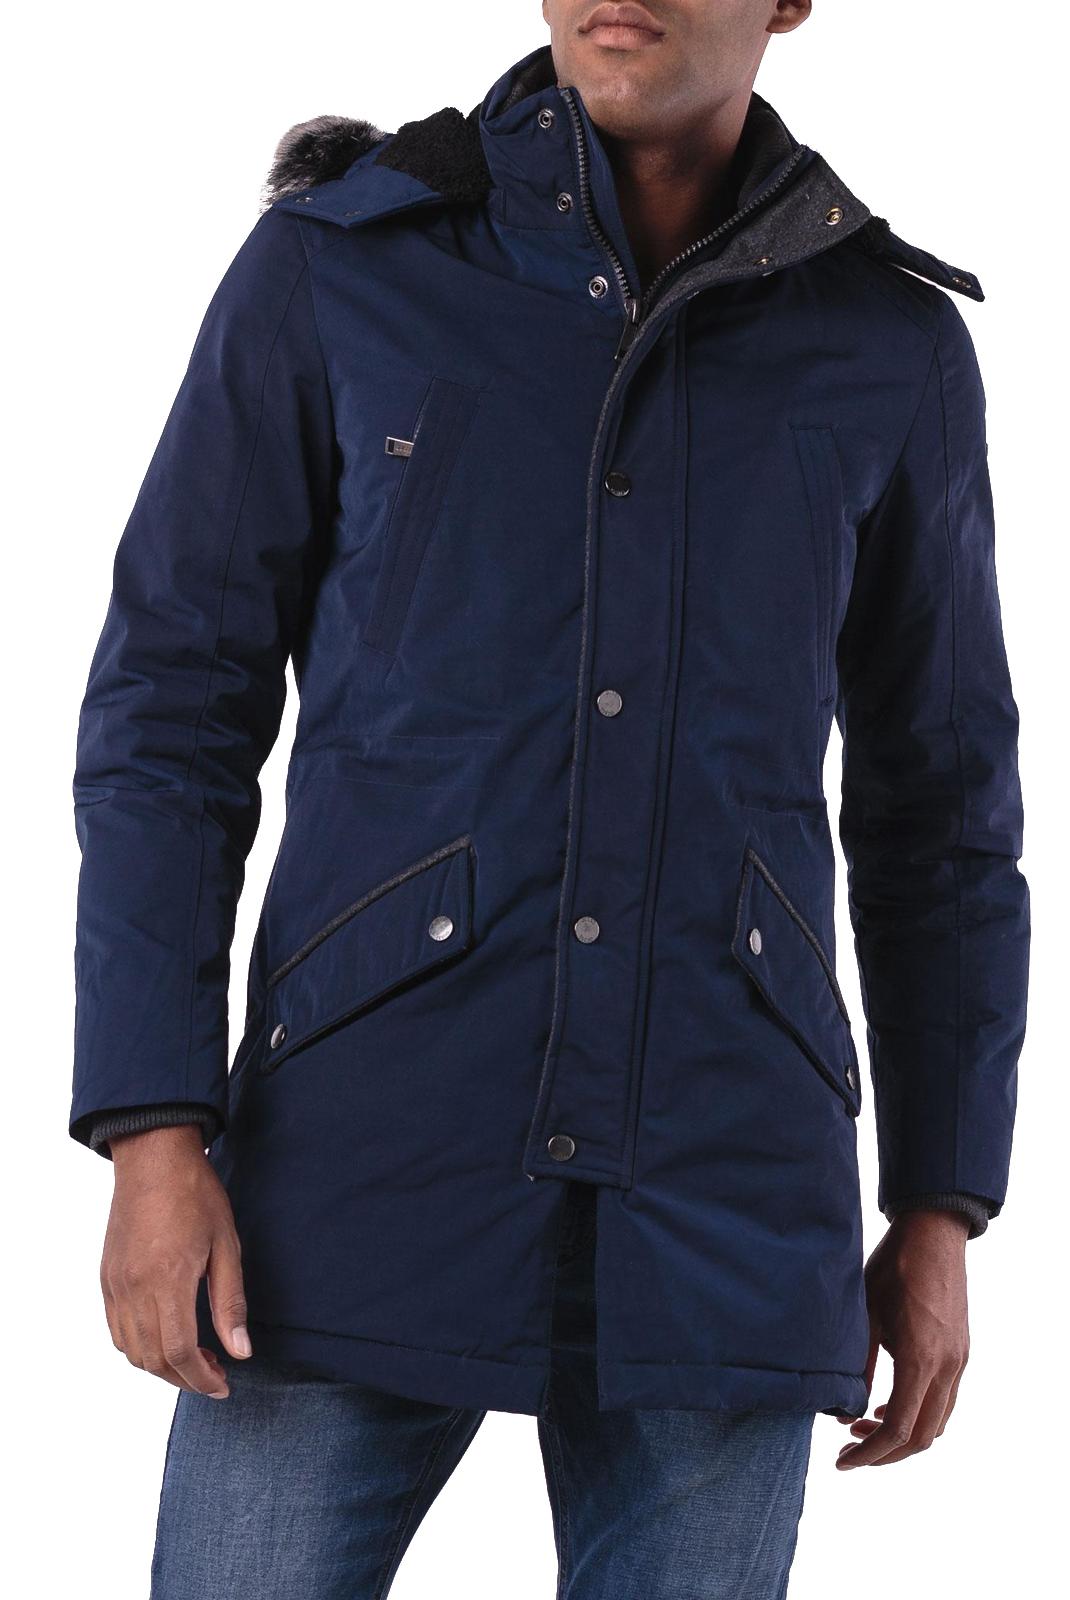 Guess M84l08 Capuche Jeans Avec Homme Bleu Parka 0PkOwn